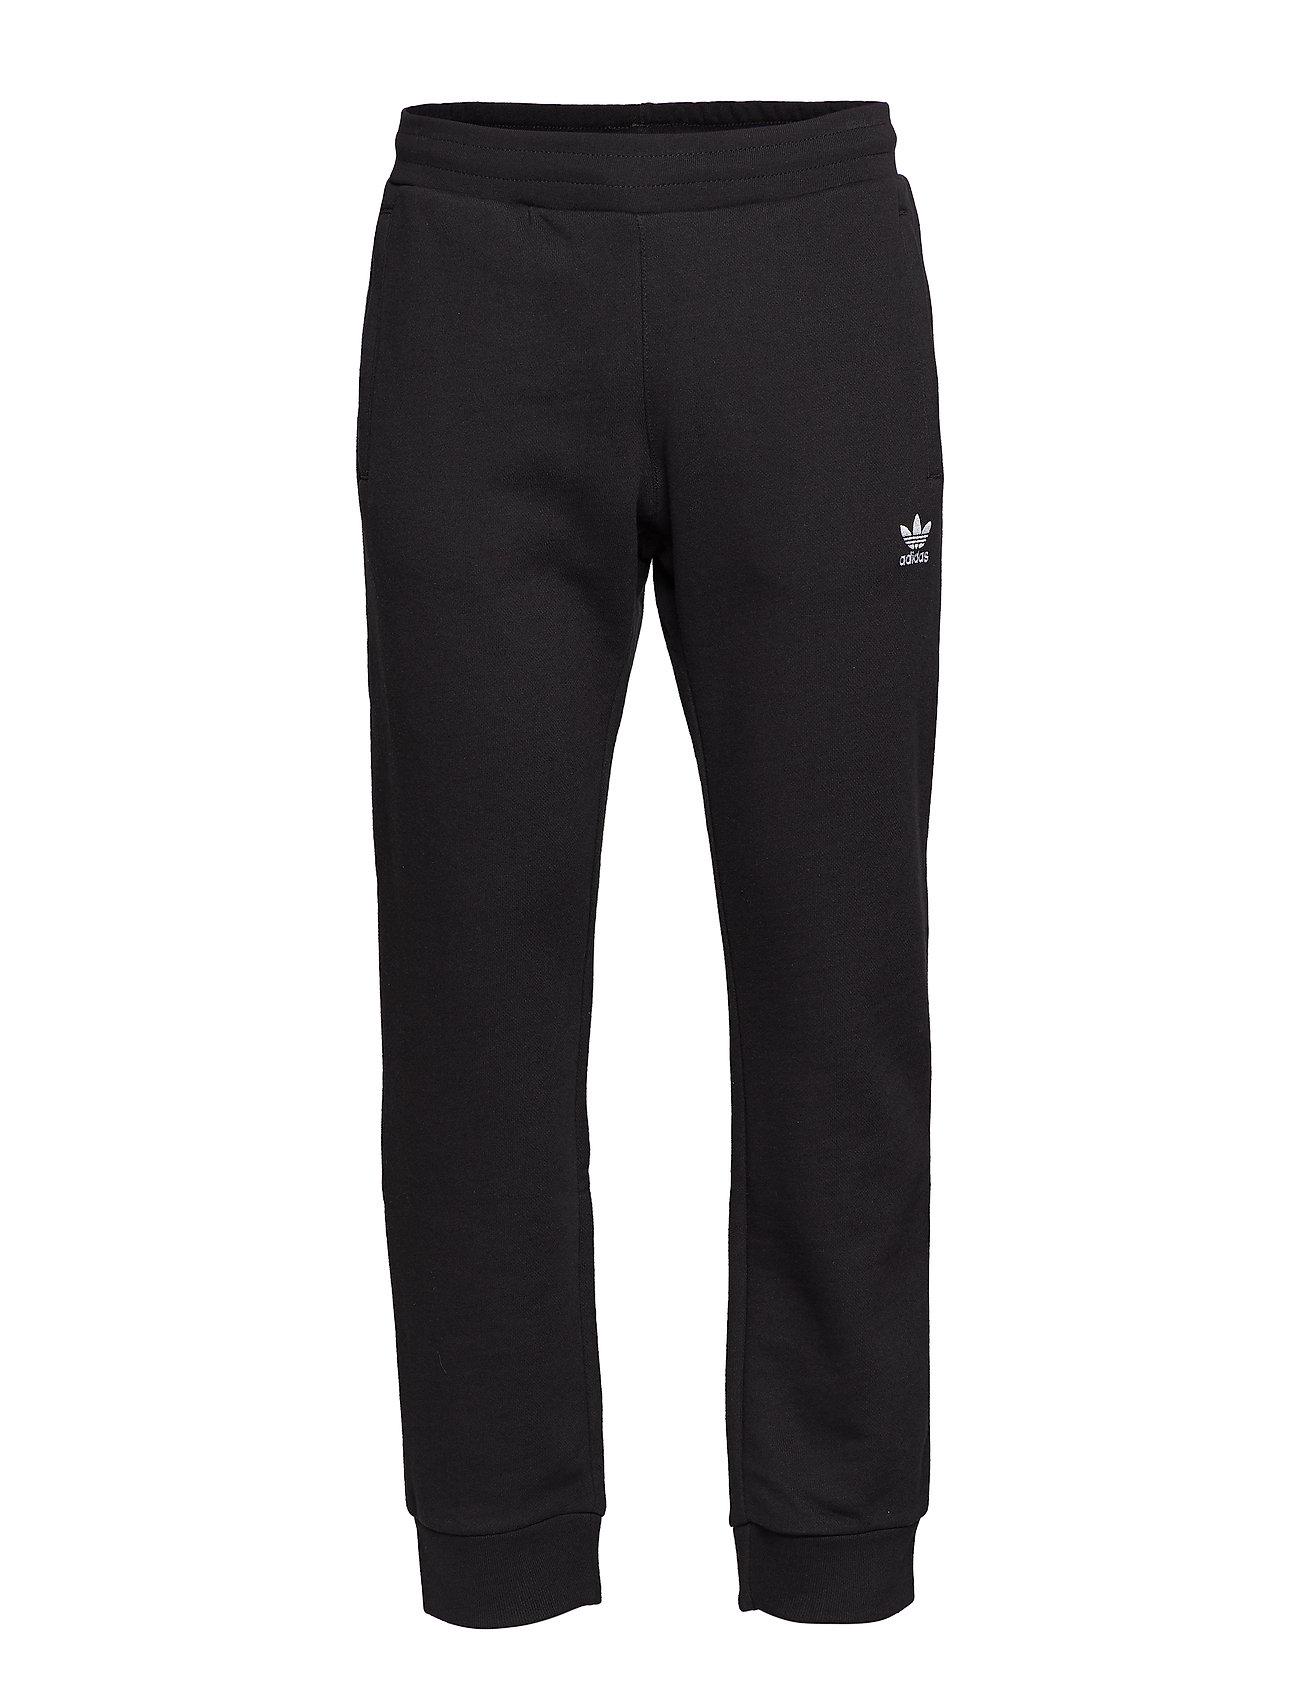 adidas Originals TREFOIL PANT - BLACK